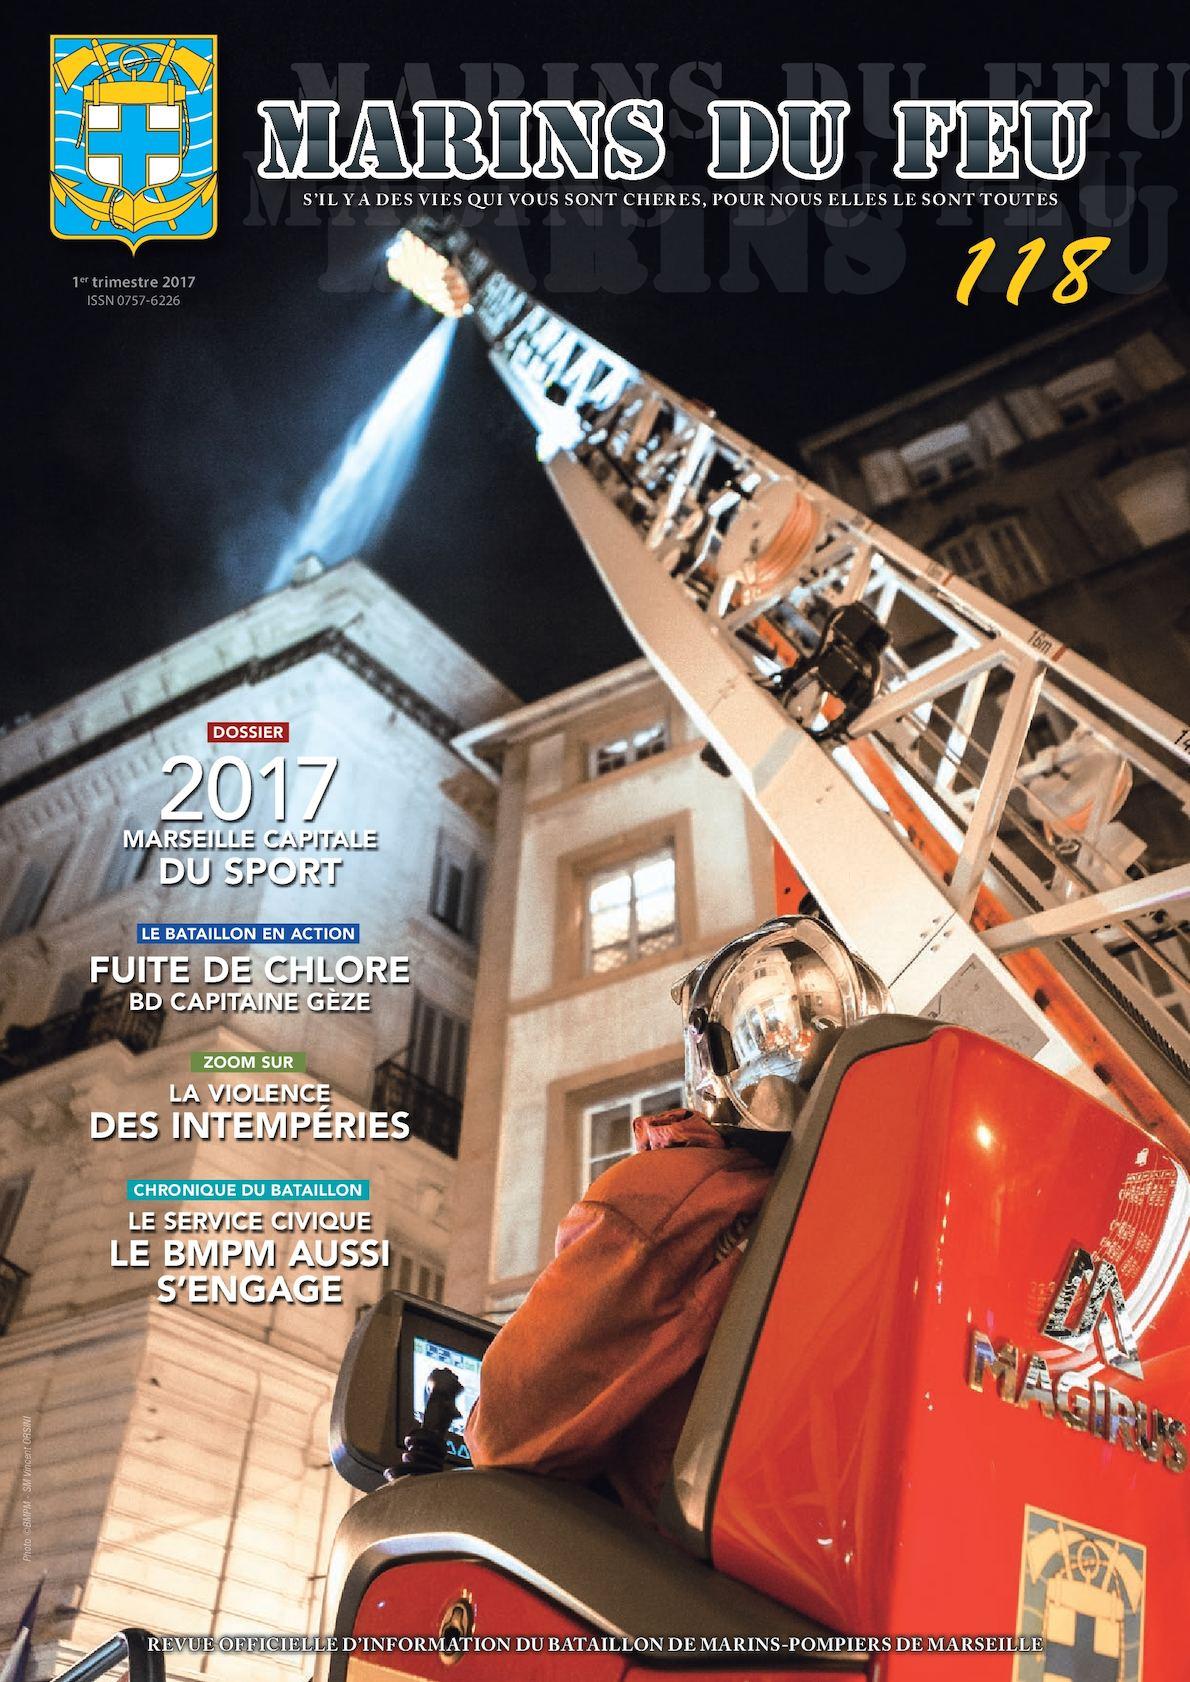 Marins du feu N°118 (avril 2017) Marins-pompiers de Marseille